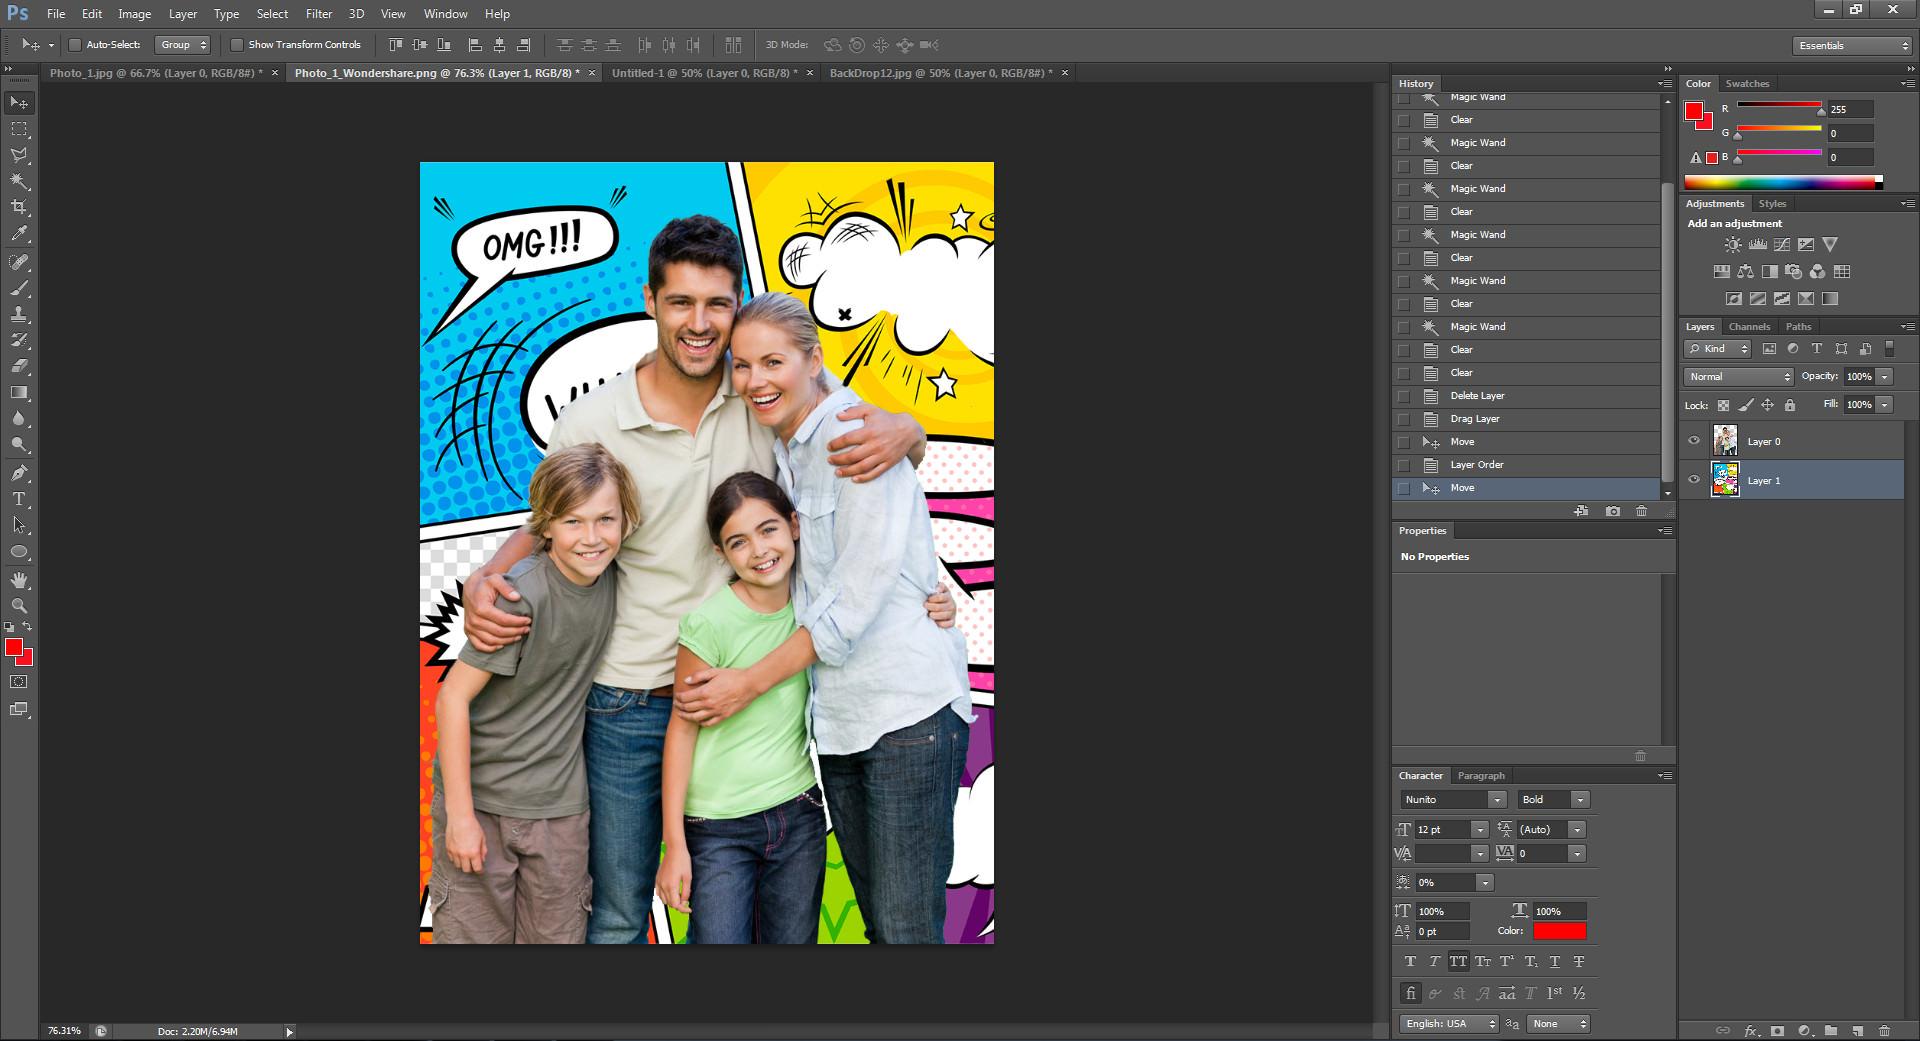 adjust details of photo